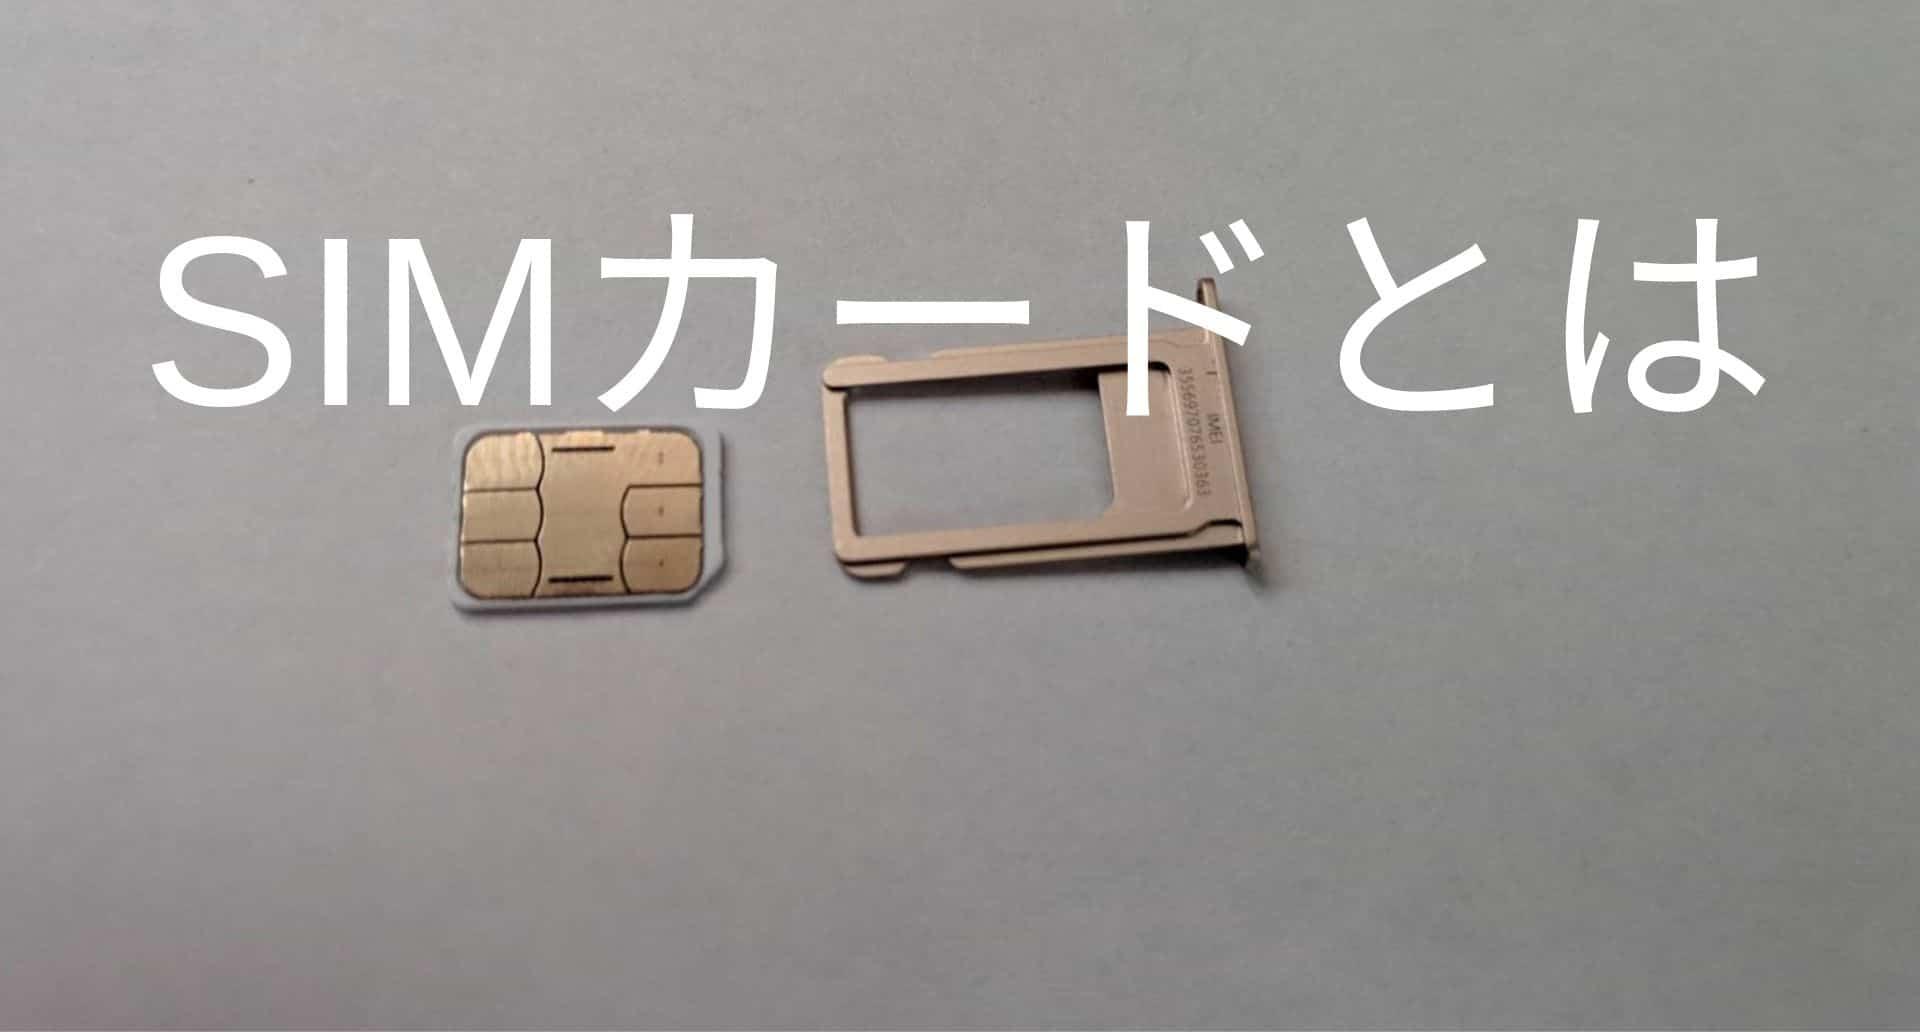 SIMの意味